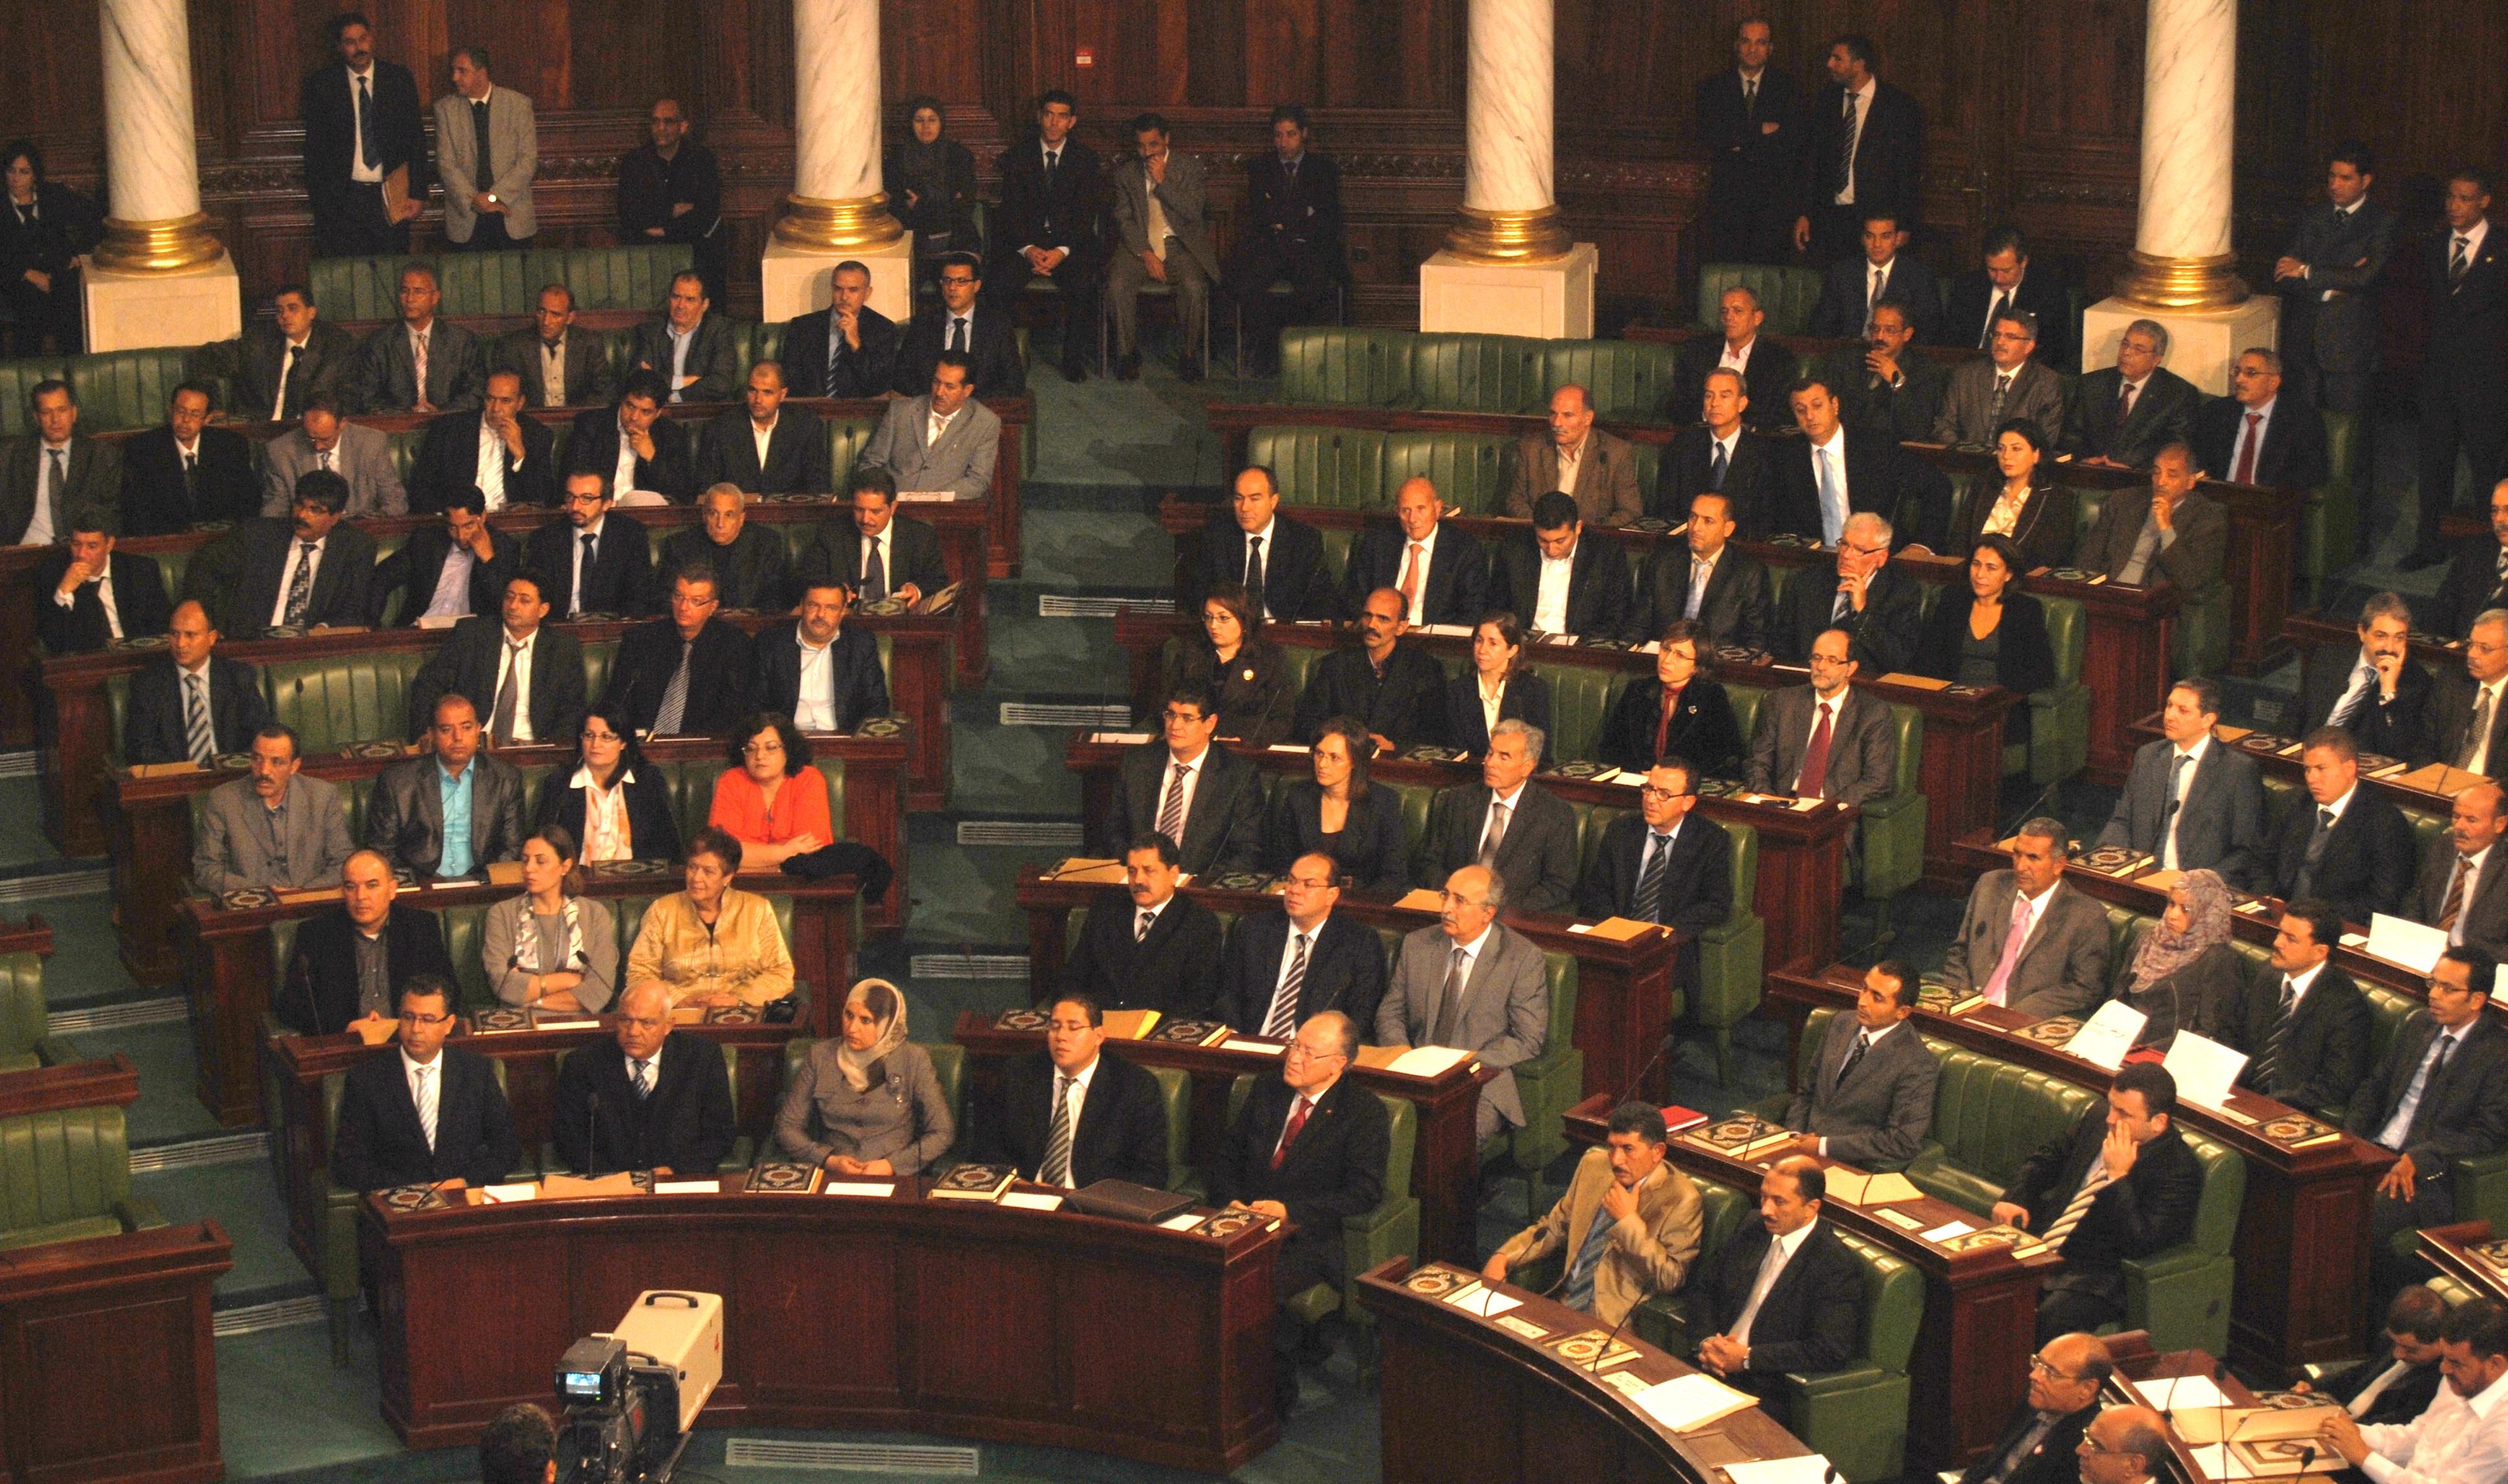 Sesión inaugural de la Asamblea Constituyente, 22 de noviembre de 2011. /Samir Abdelmoumen